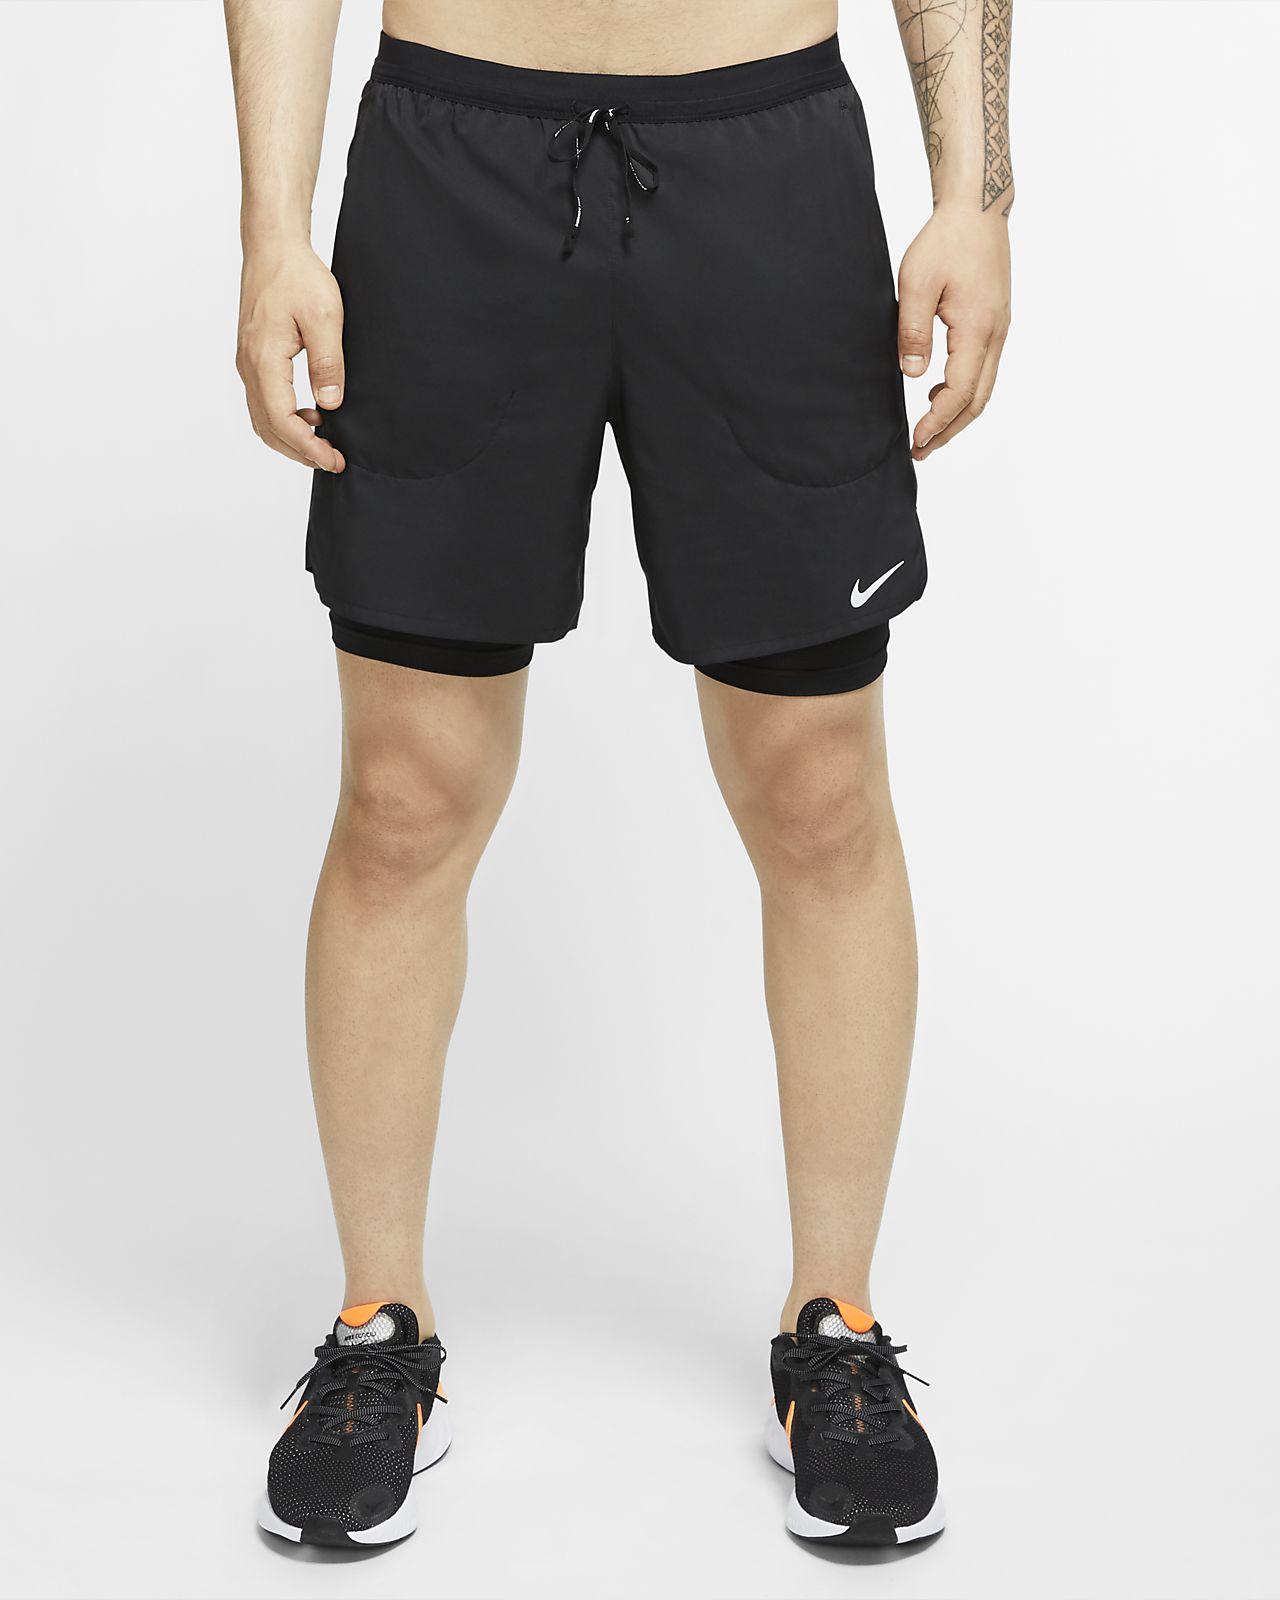 กางเกงวิ่งขาสั้น 7 นิ้ว 2-In-1 ผู้ชาย Nike Flex Stride